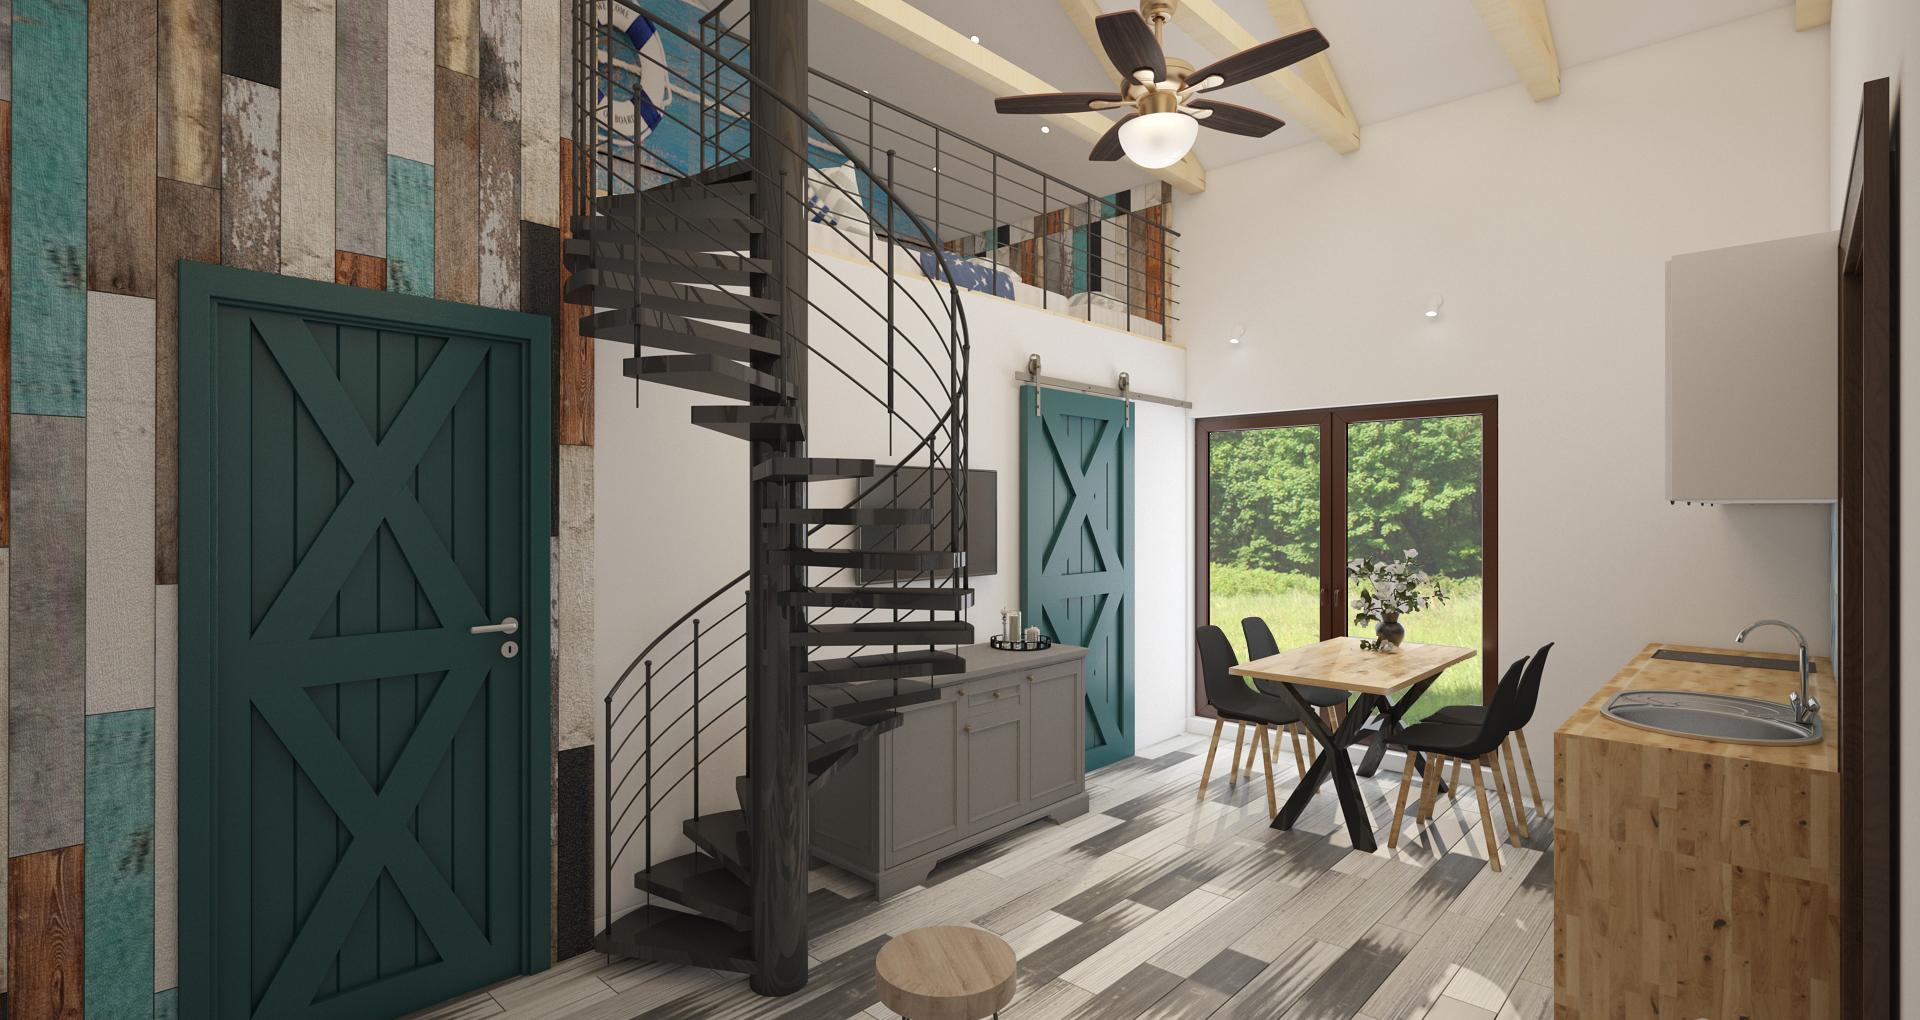 salon w stylu marynistycznym domek Kąty Rybackie